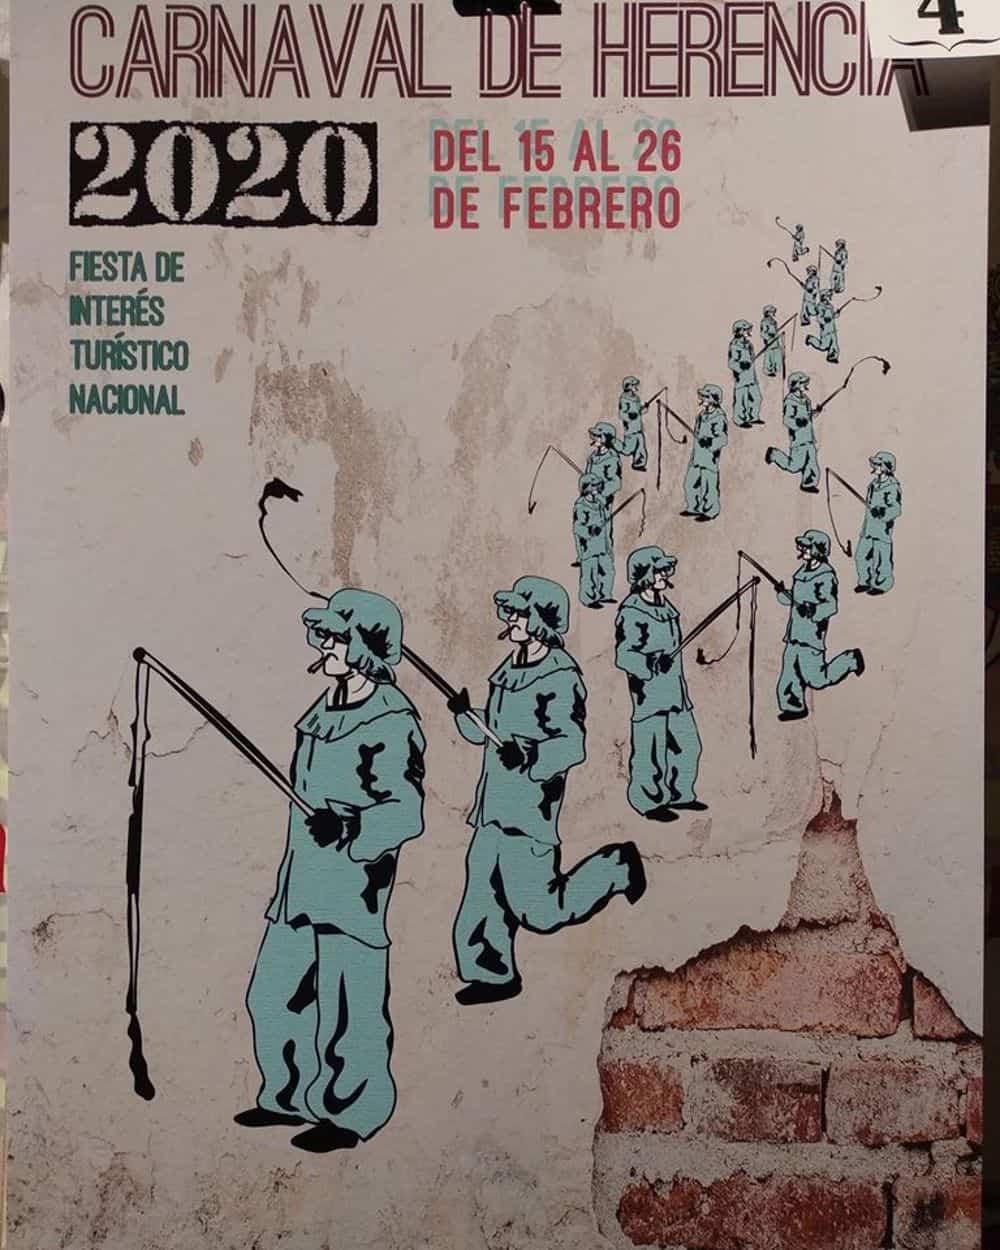 Conoce los carteles de Carnaval de Herencia 2020, ¿cuál te gusta más? 32